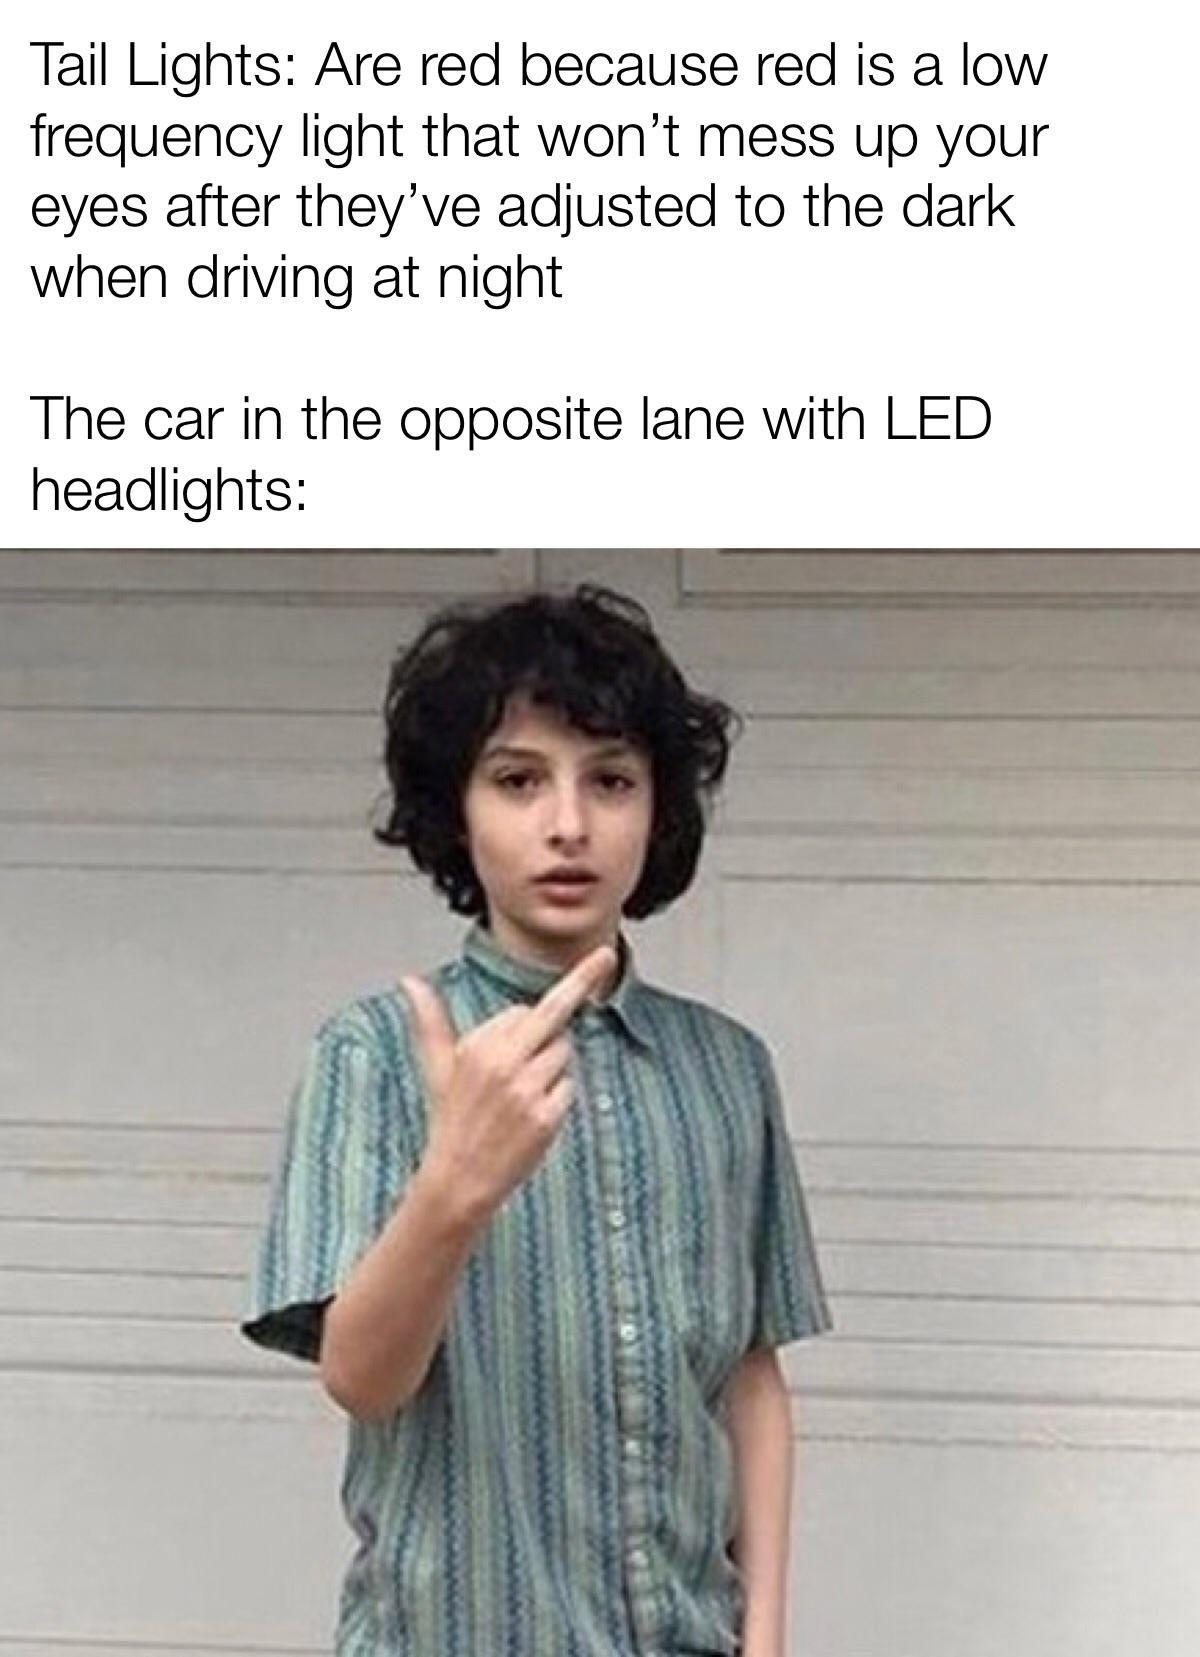 I'm blind now